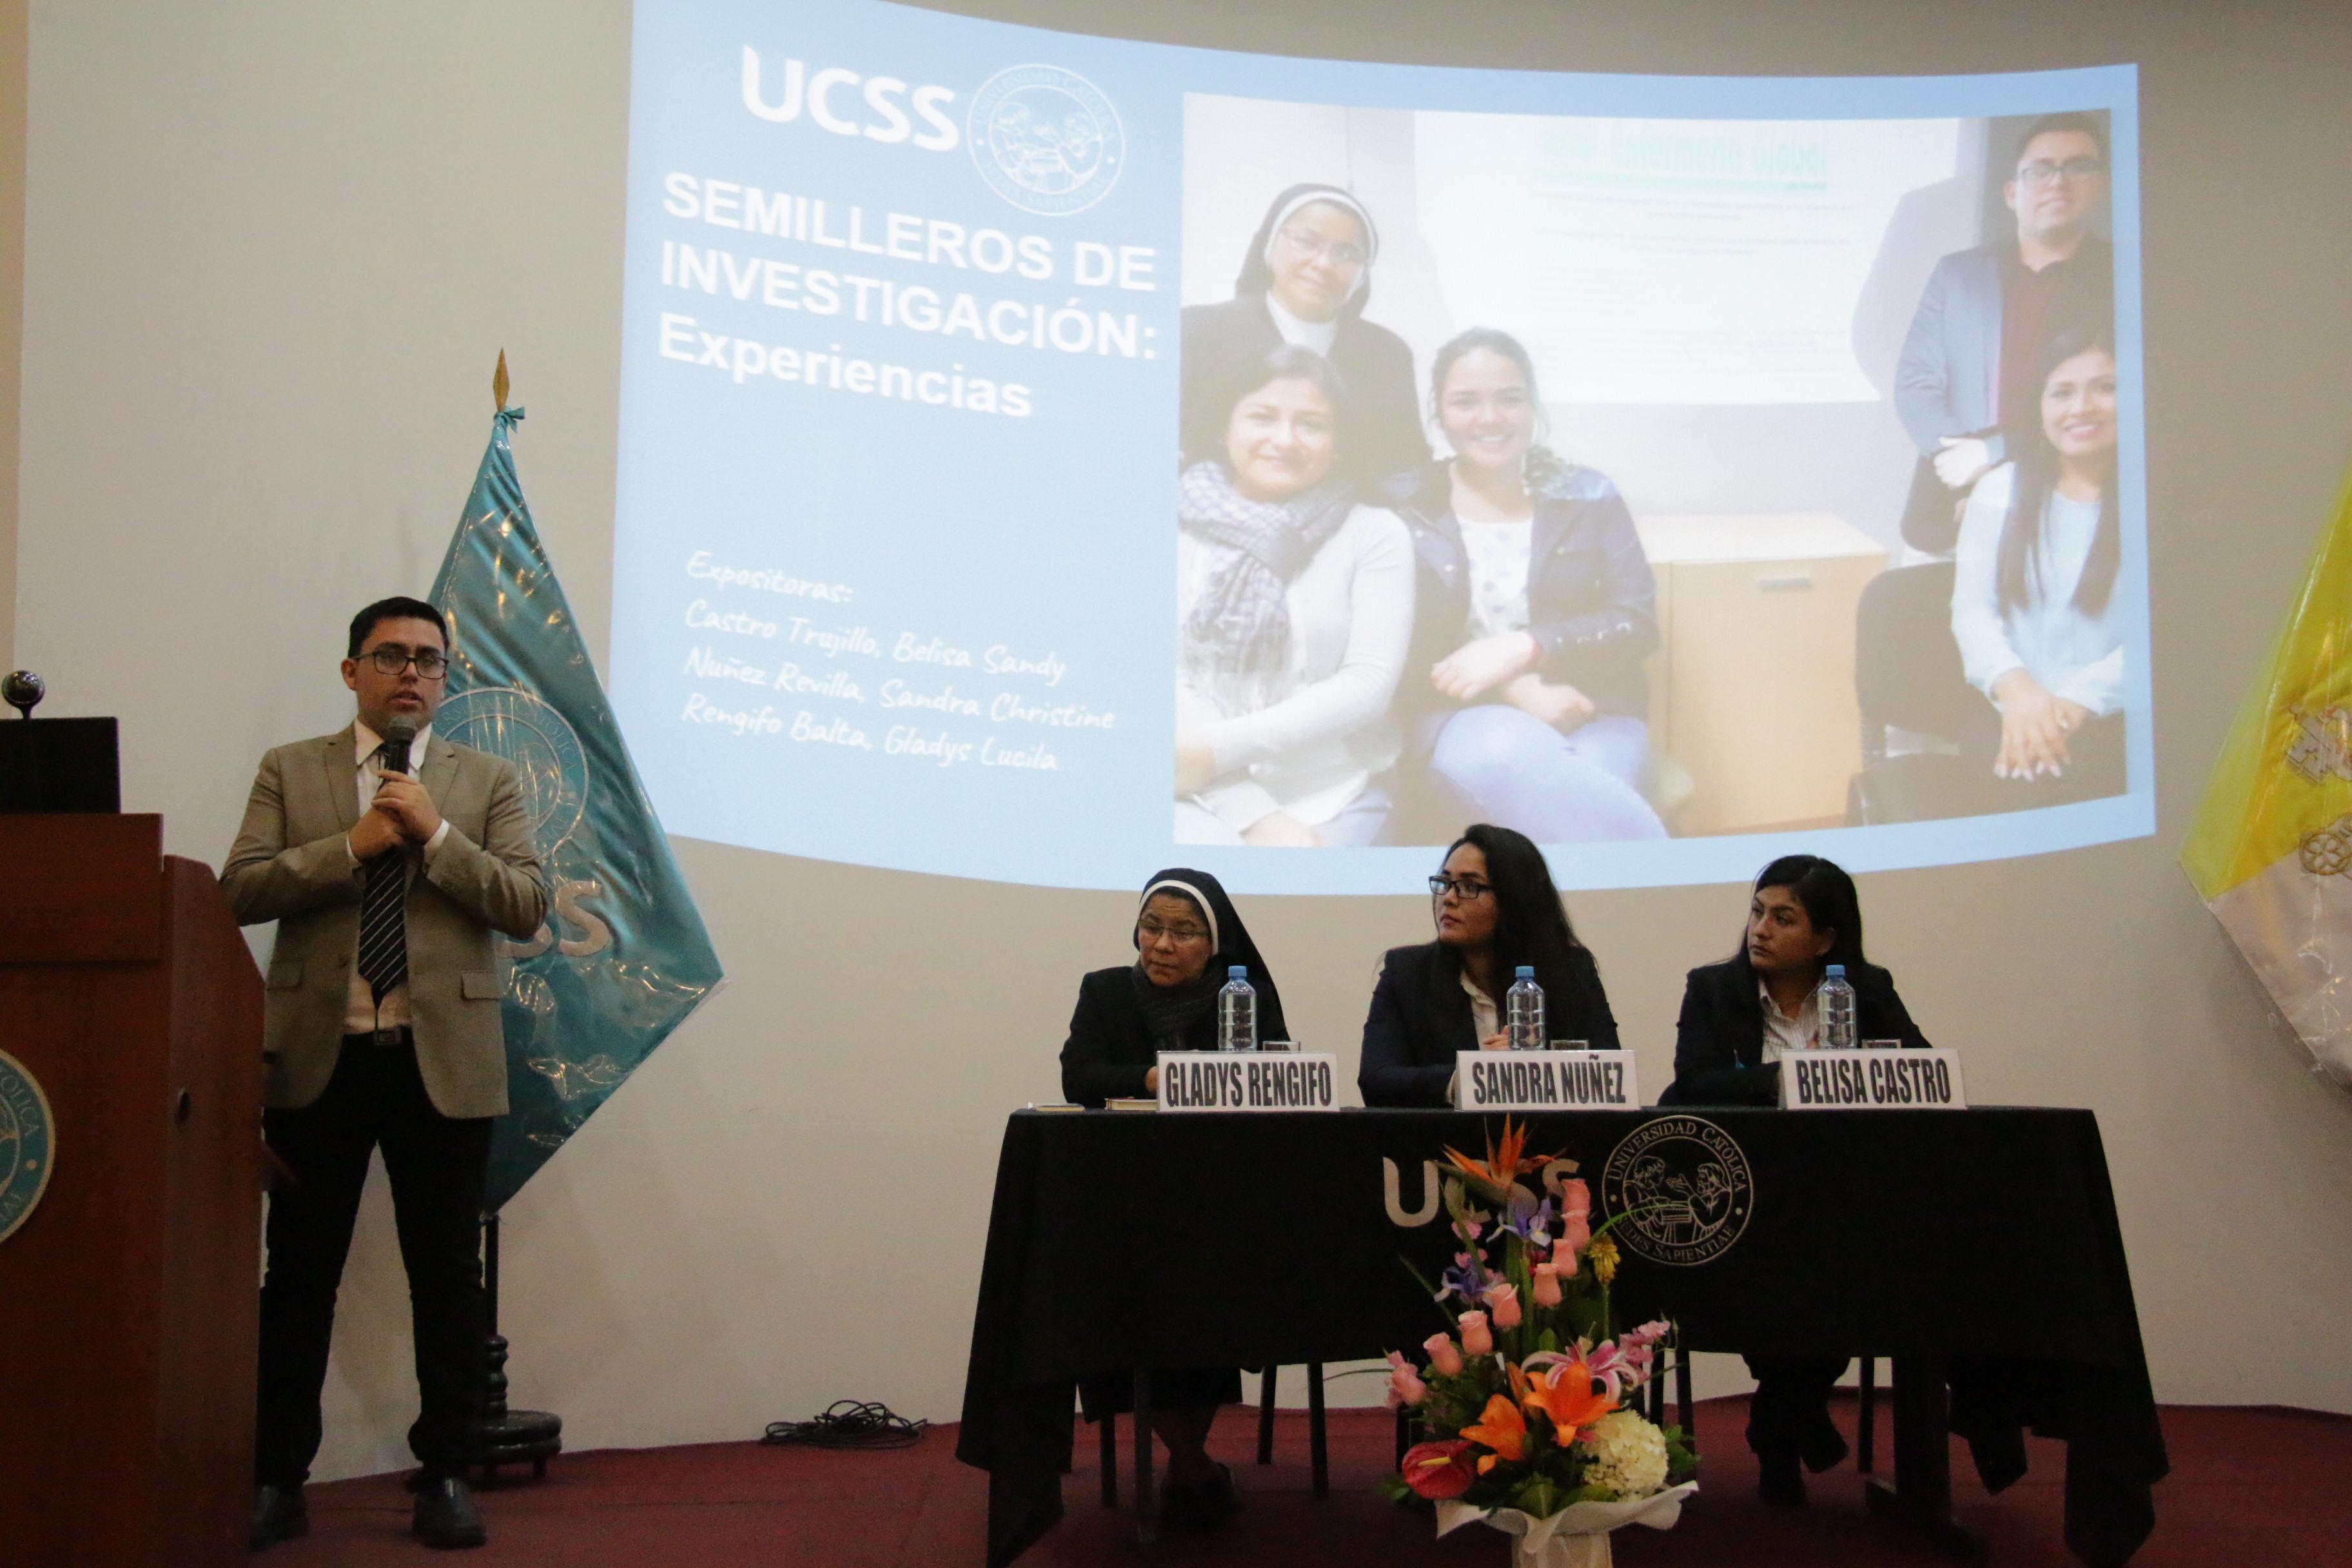 Investigación del primer Semillero de Enfermería, de la FCS, fue publicado en revista española Enfermería Global